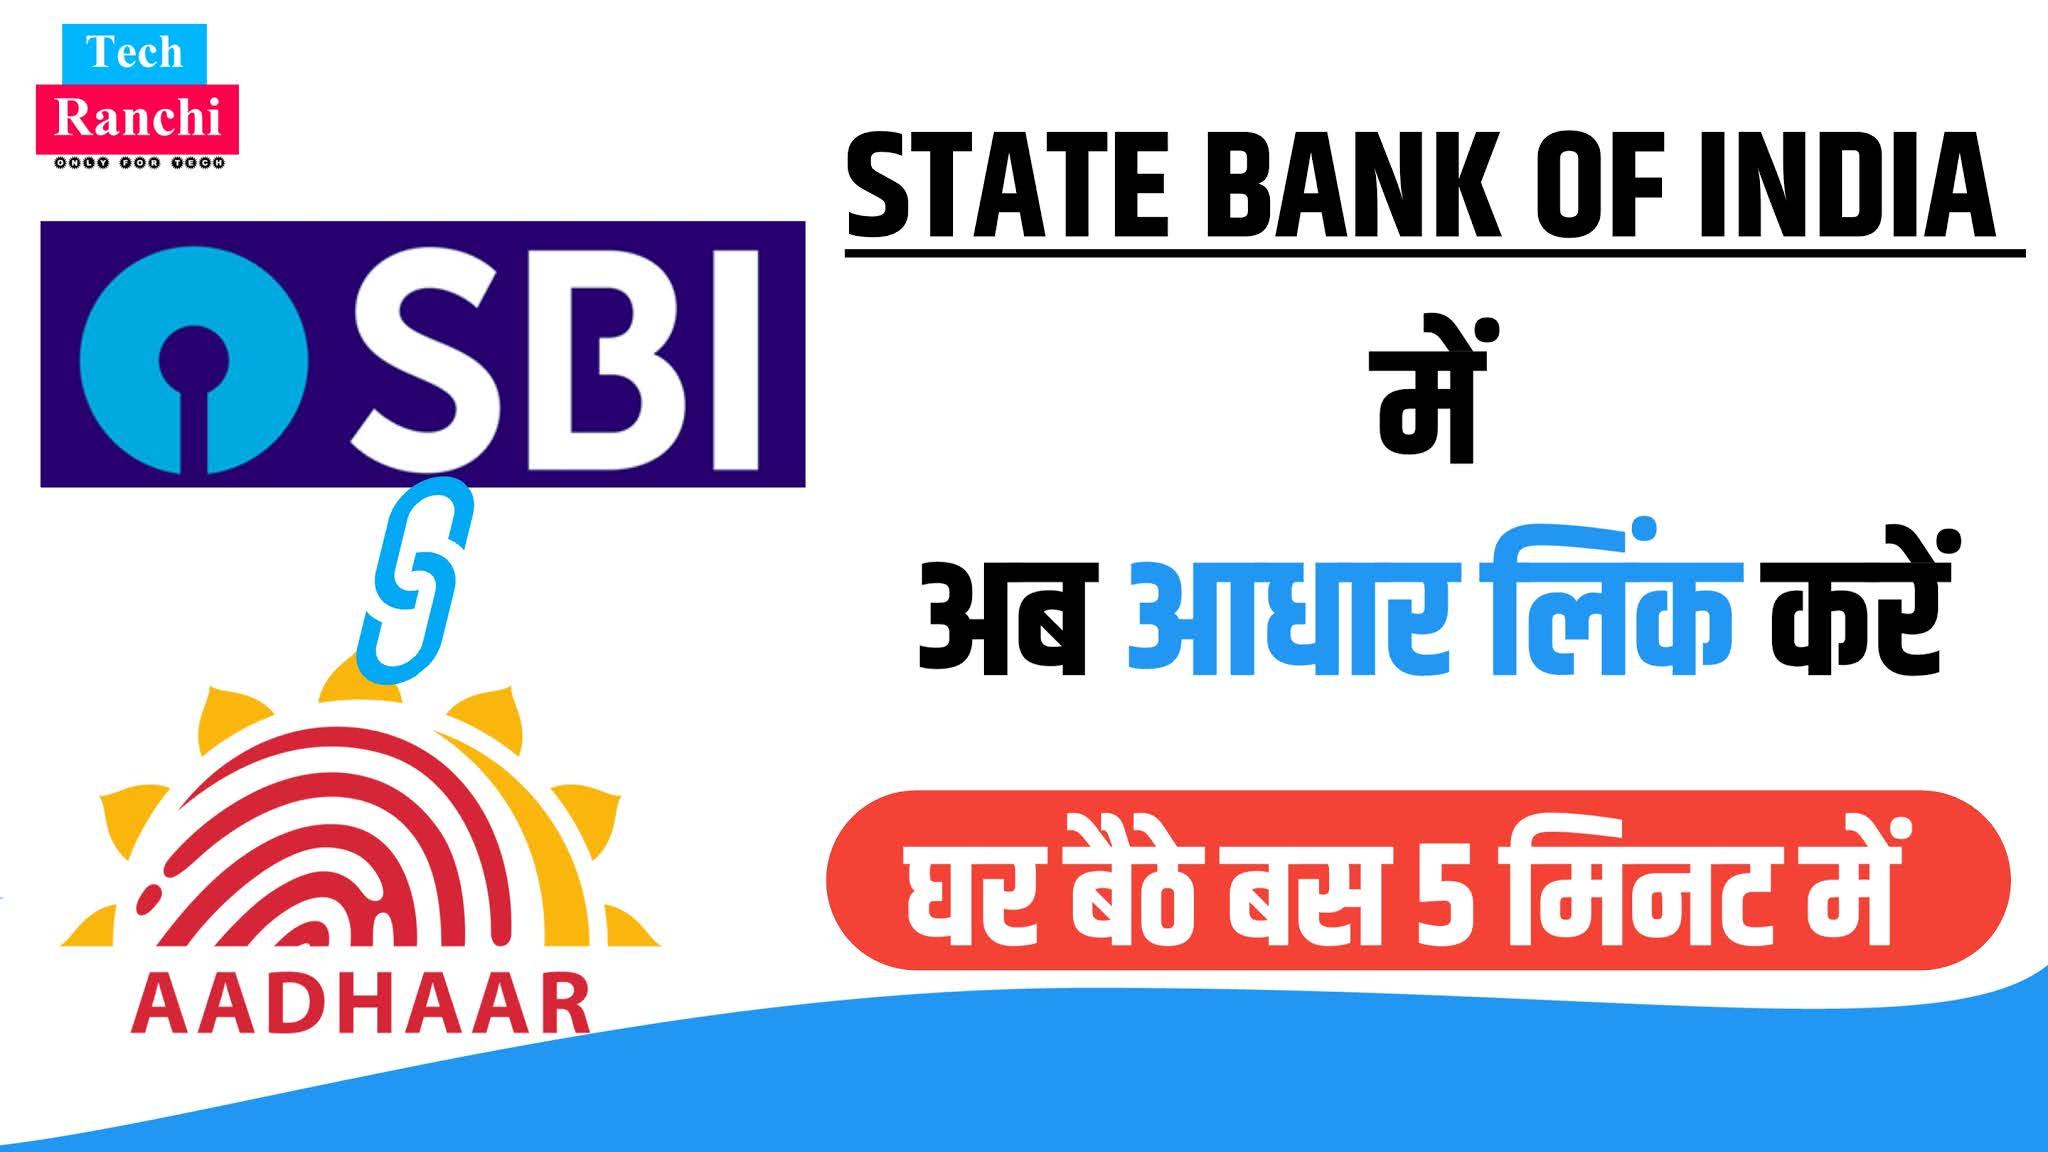 SBI Account Se Aadhaar Card Link Kaise Kare | How To Link Aadhaar Card With SBI Account | Aadhaar Card Link